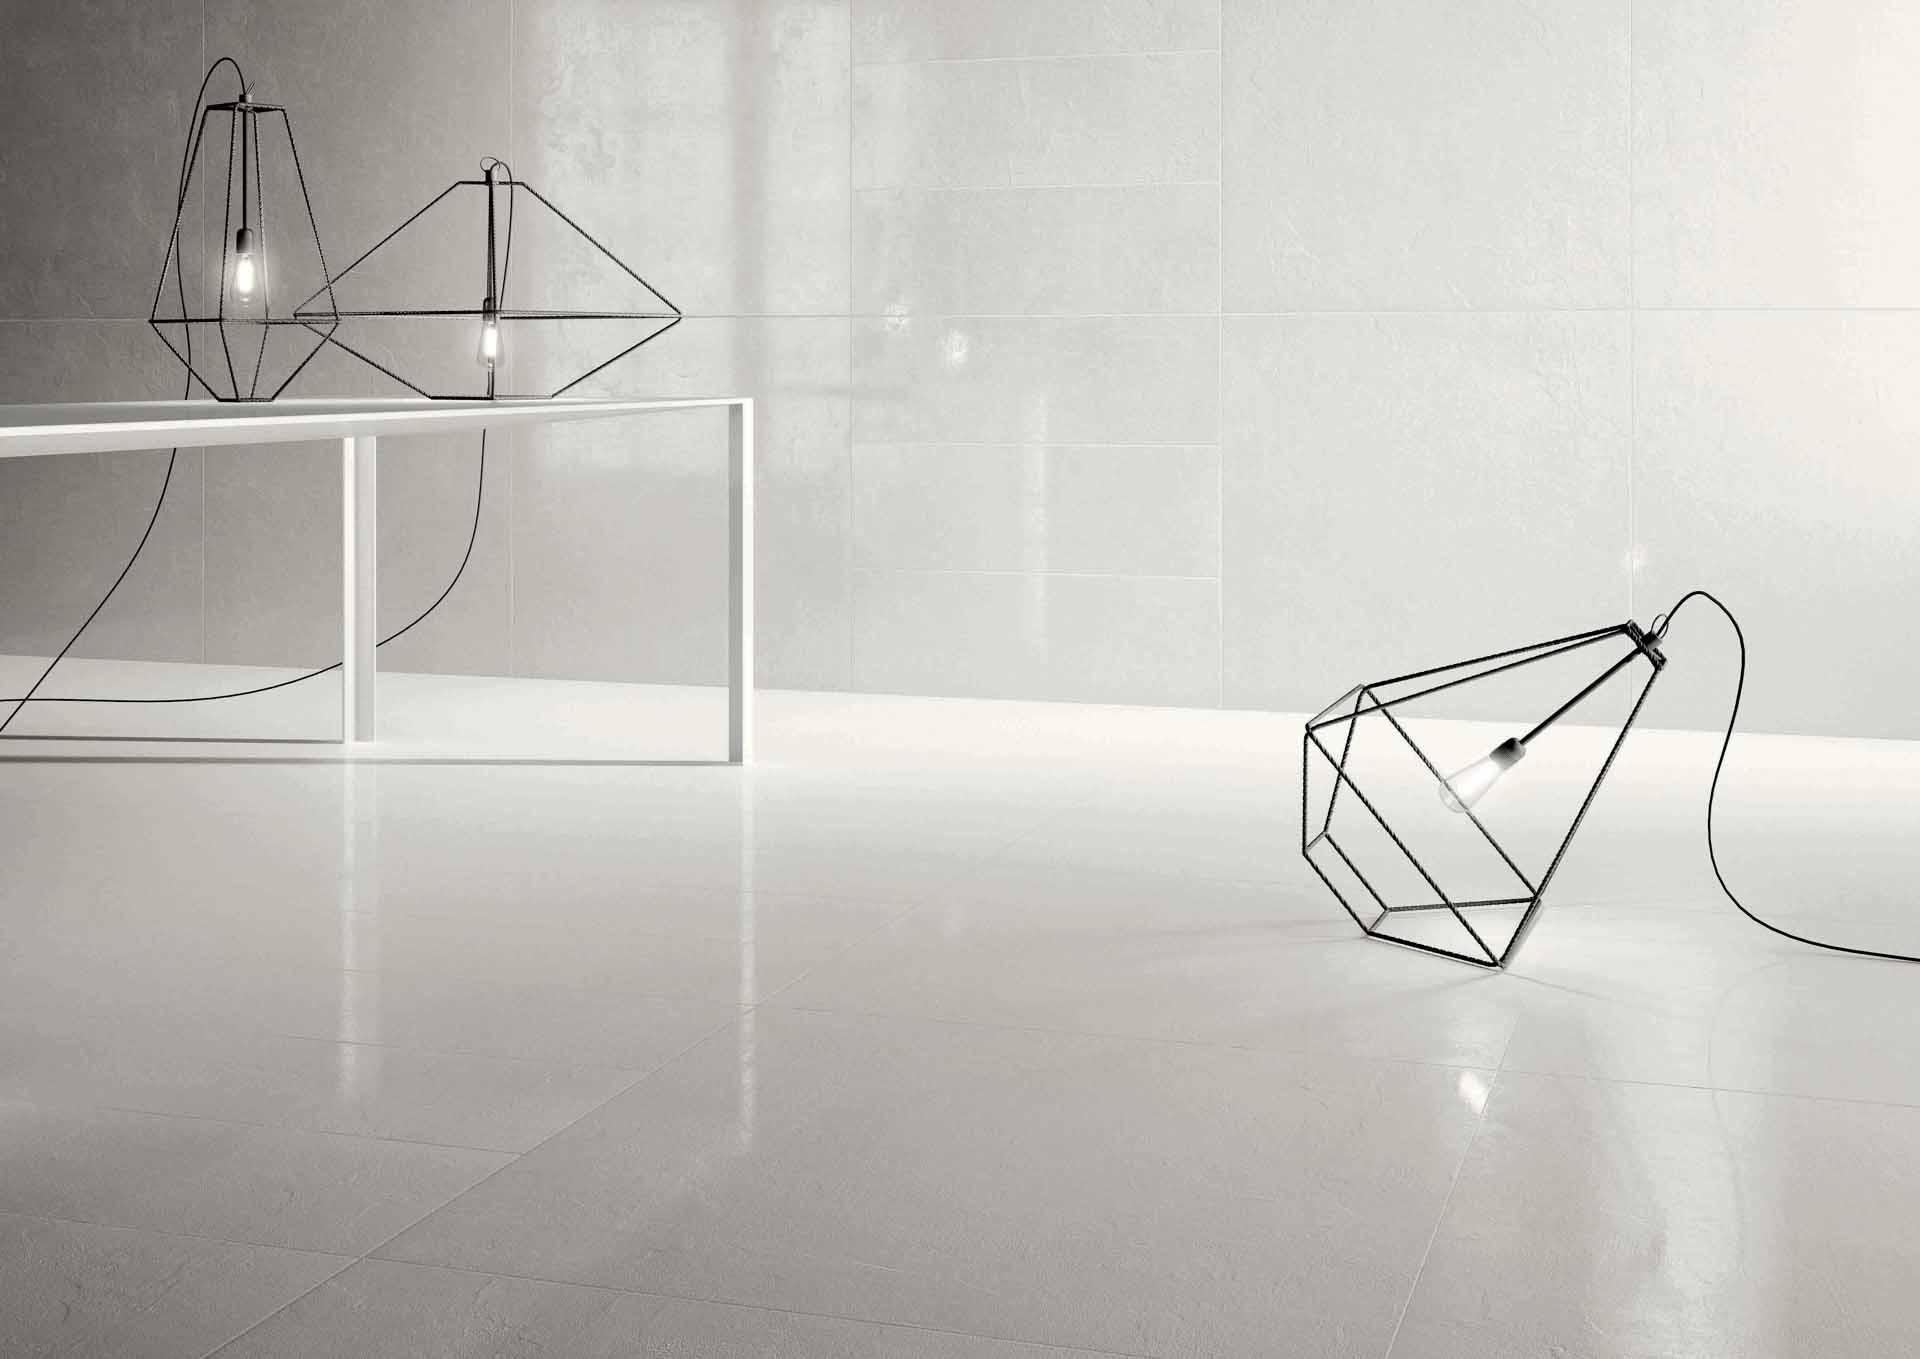 Pannelli decorativi per pareti forme geometriche - Fughe piastrelle bagno ...